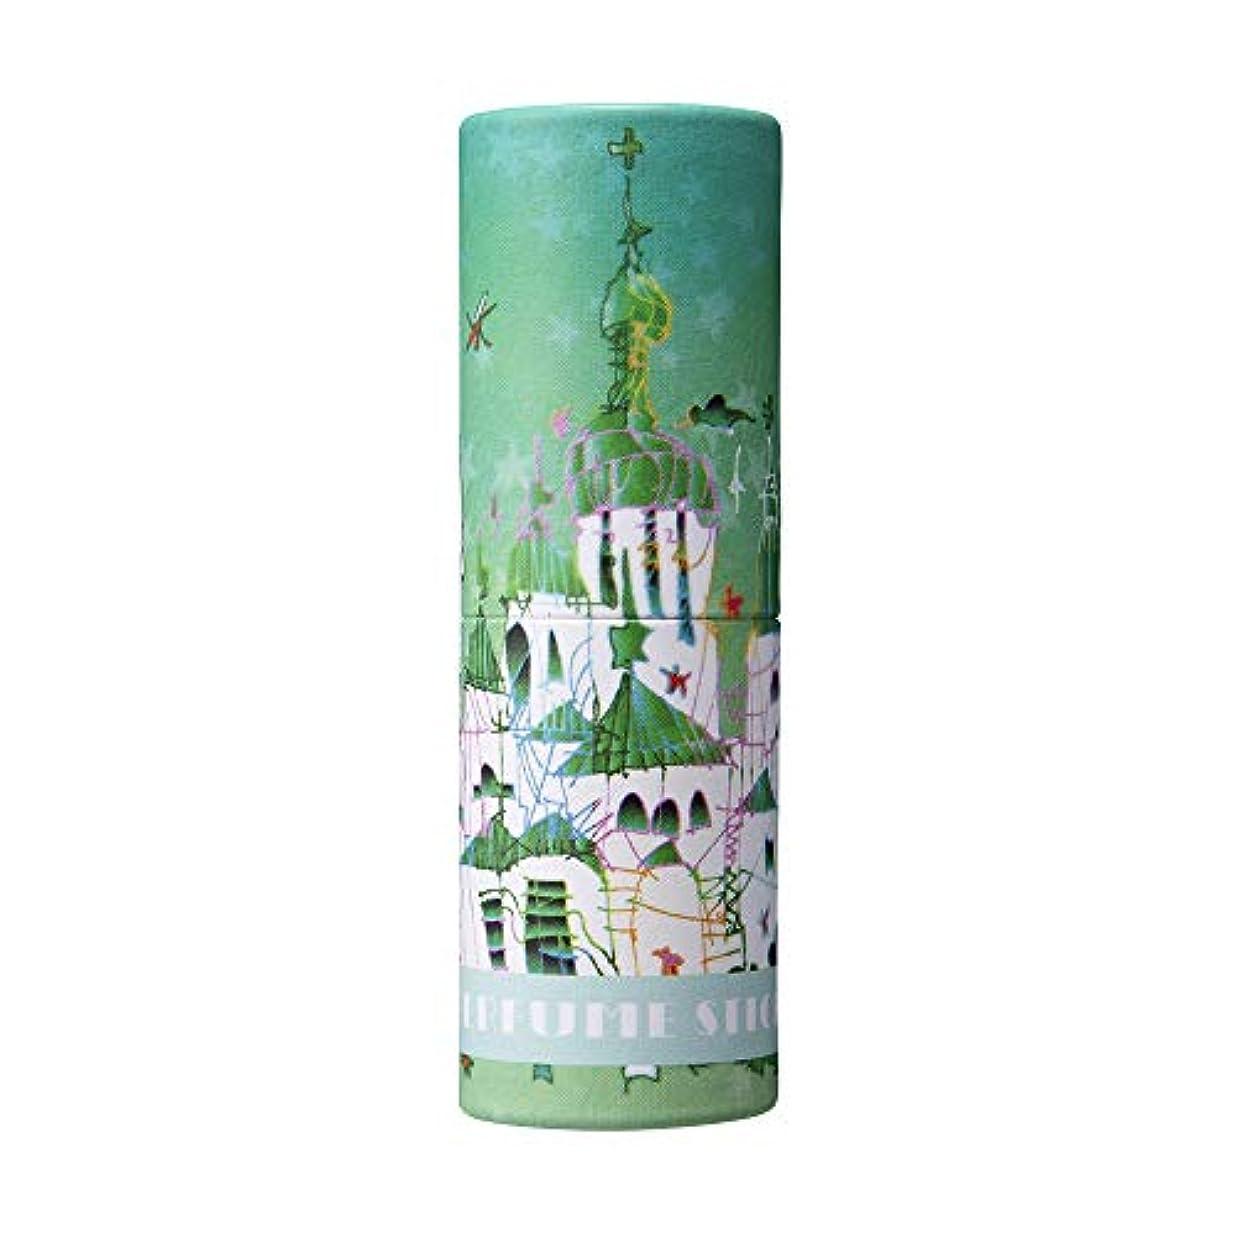 ダース寂しい記念品パフュームスティック サンクス グリーンアップル&ムスクの香り 世界遺産デザイン 5g